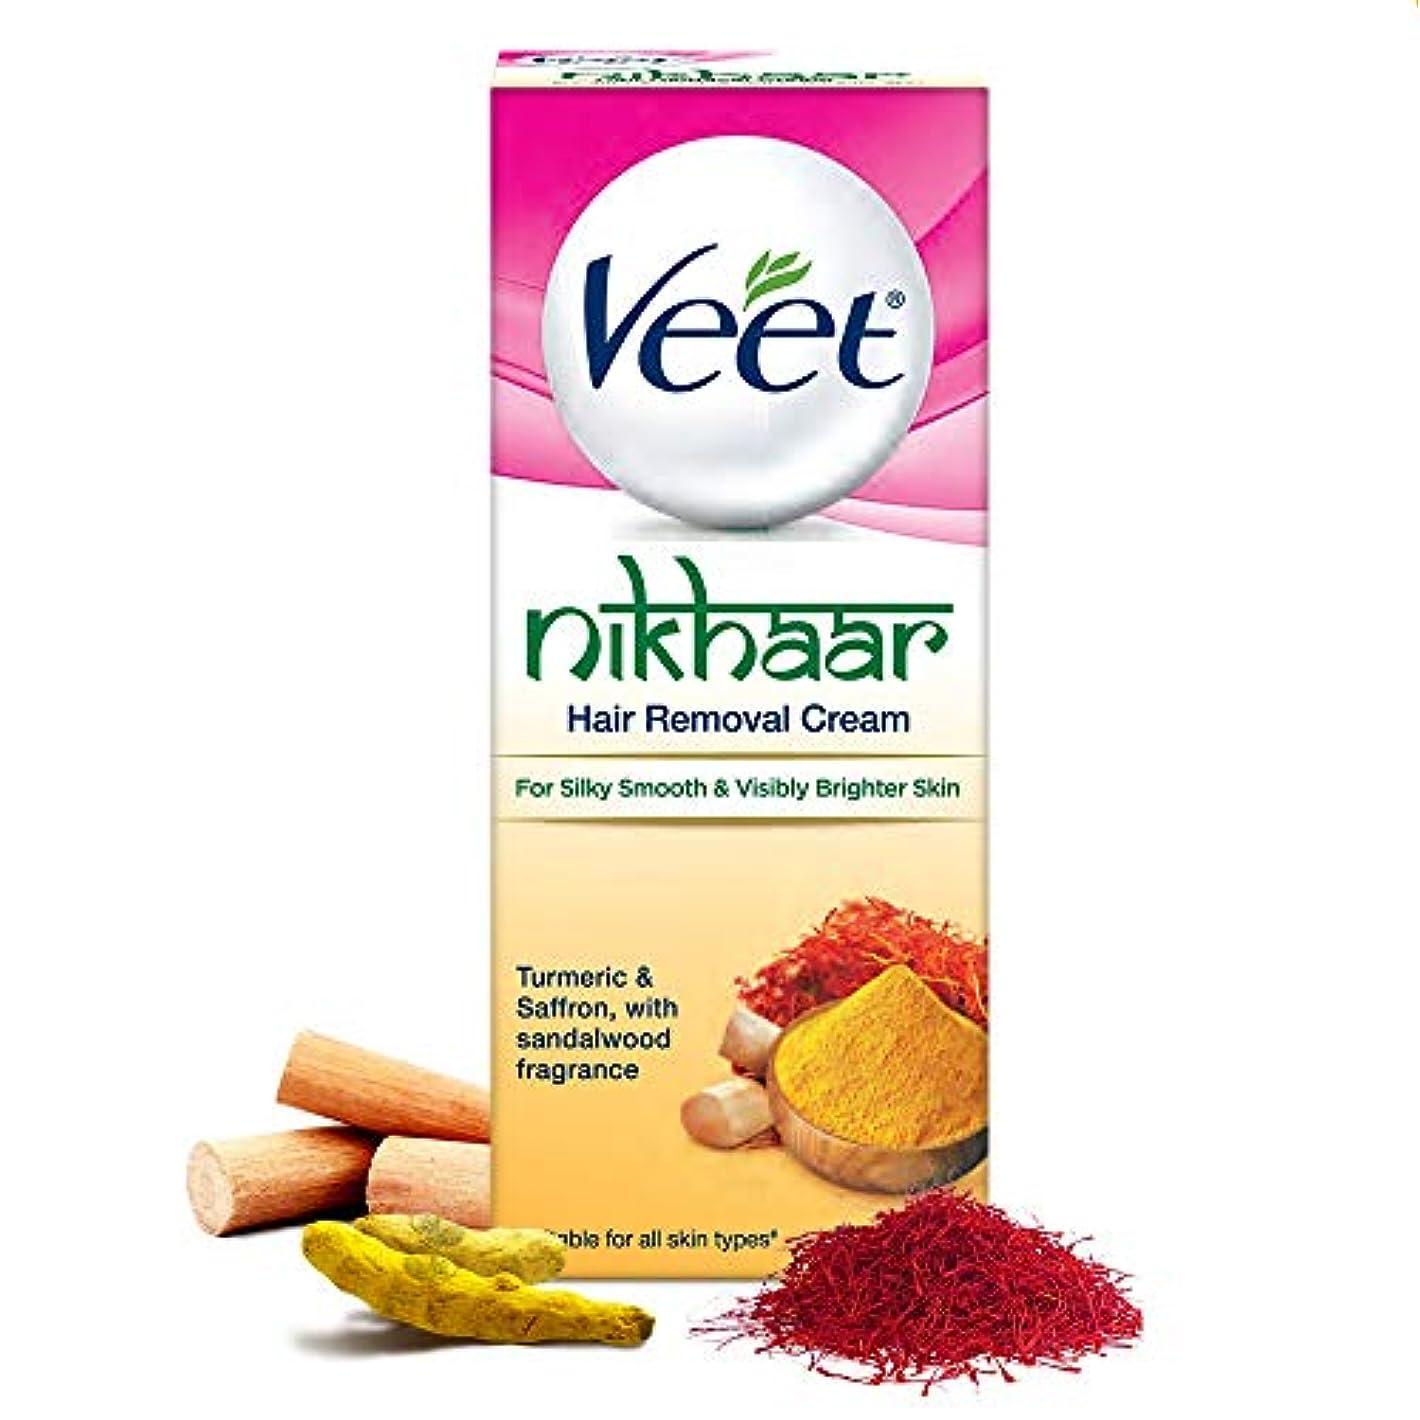 マーカープライム虫を数えるVeet Nikhaar Hair Removal Cream for All Skin Types, 50g - India